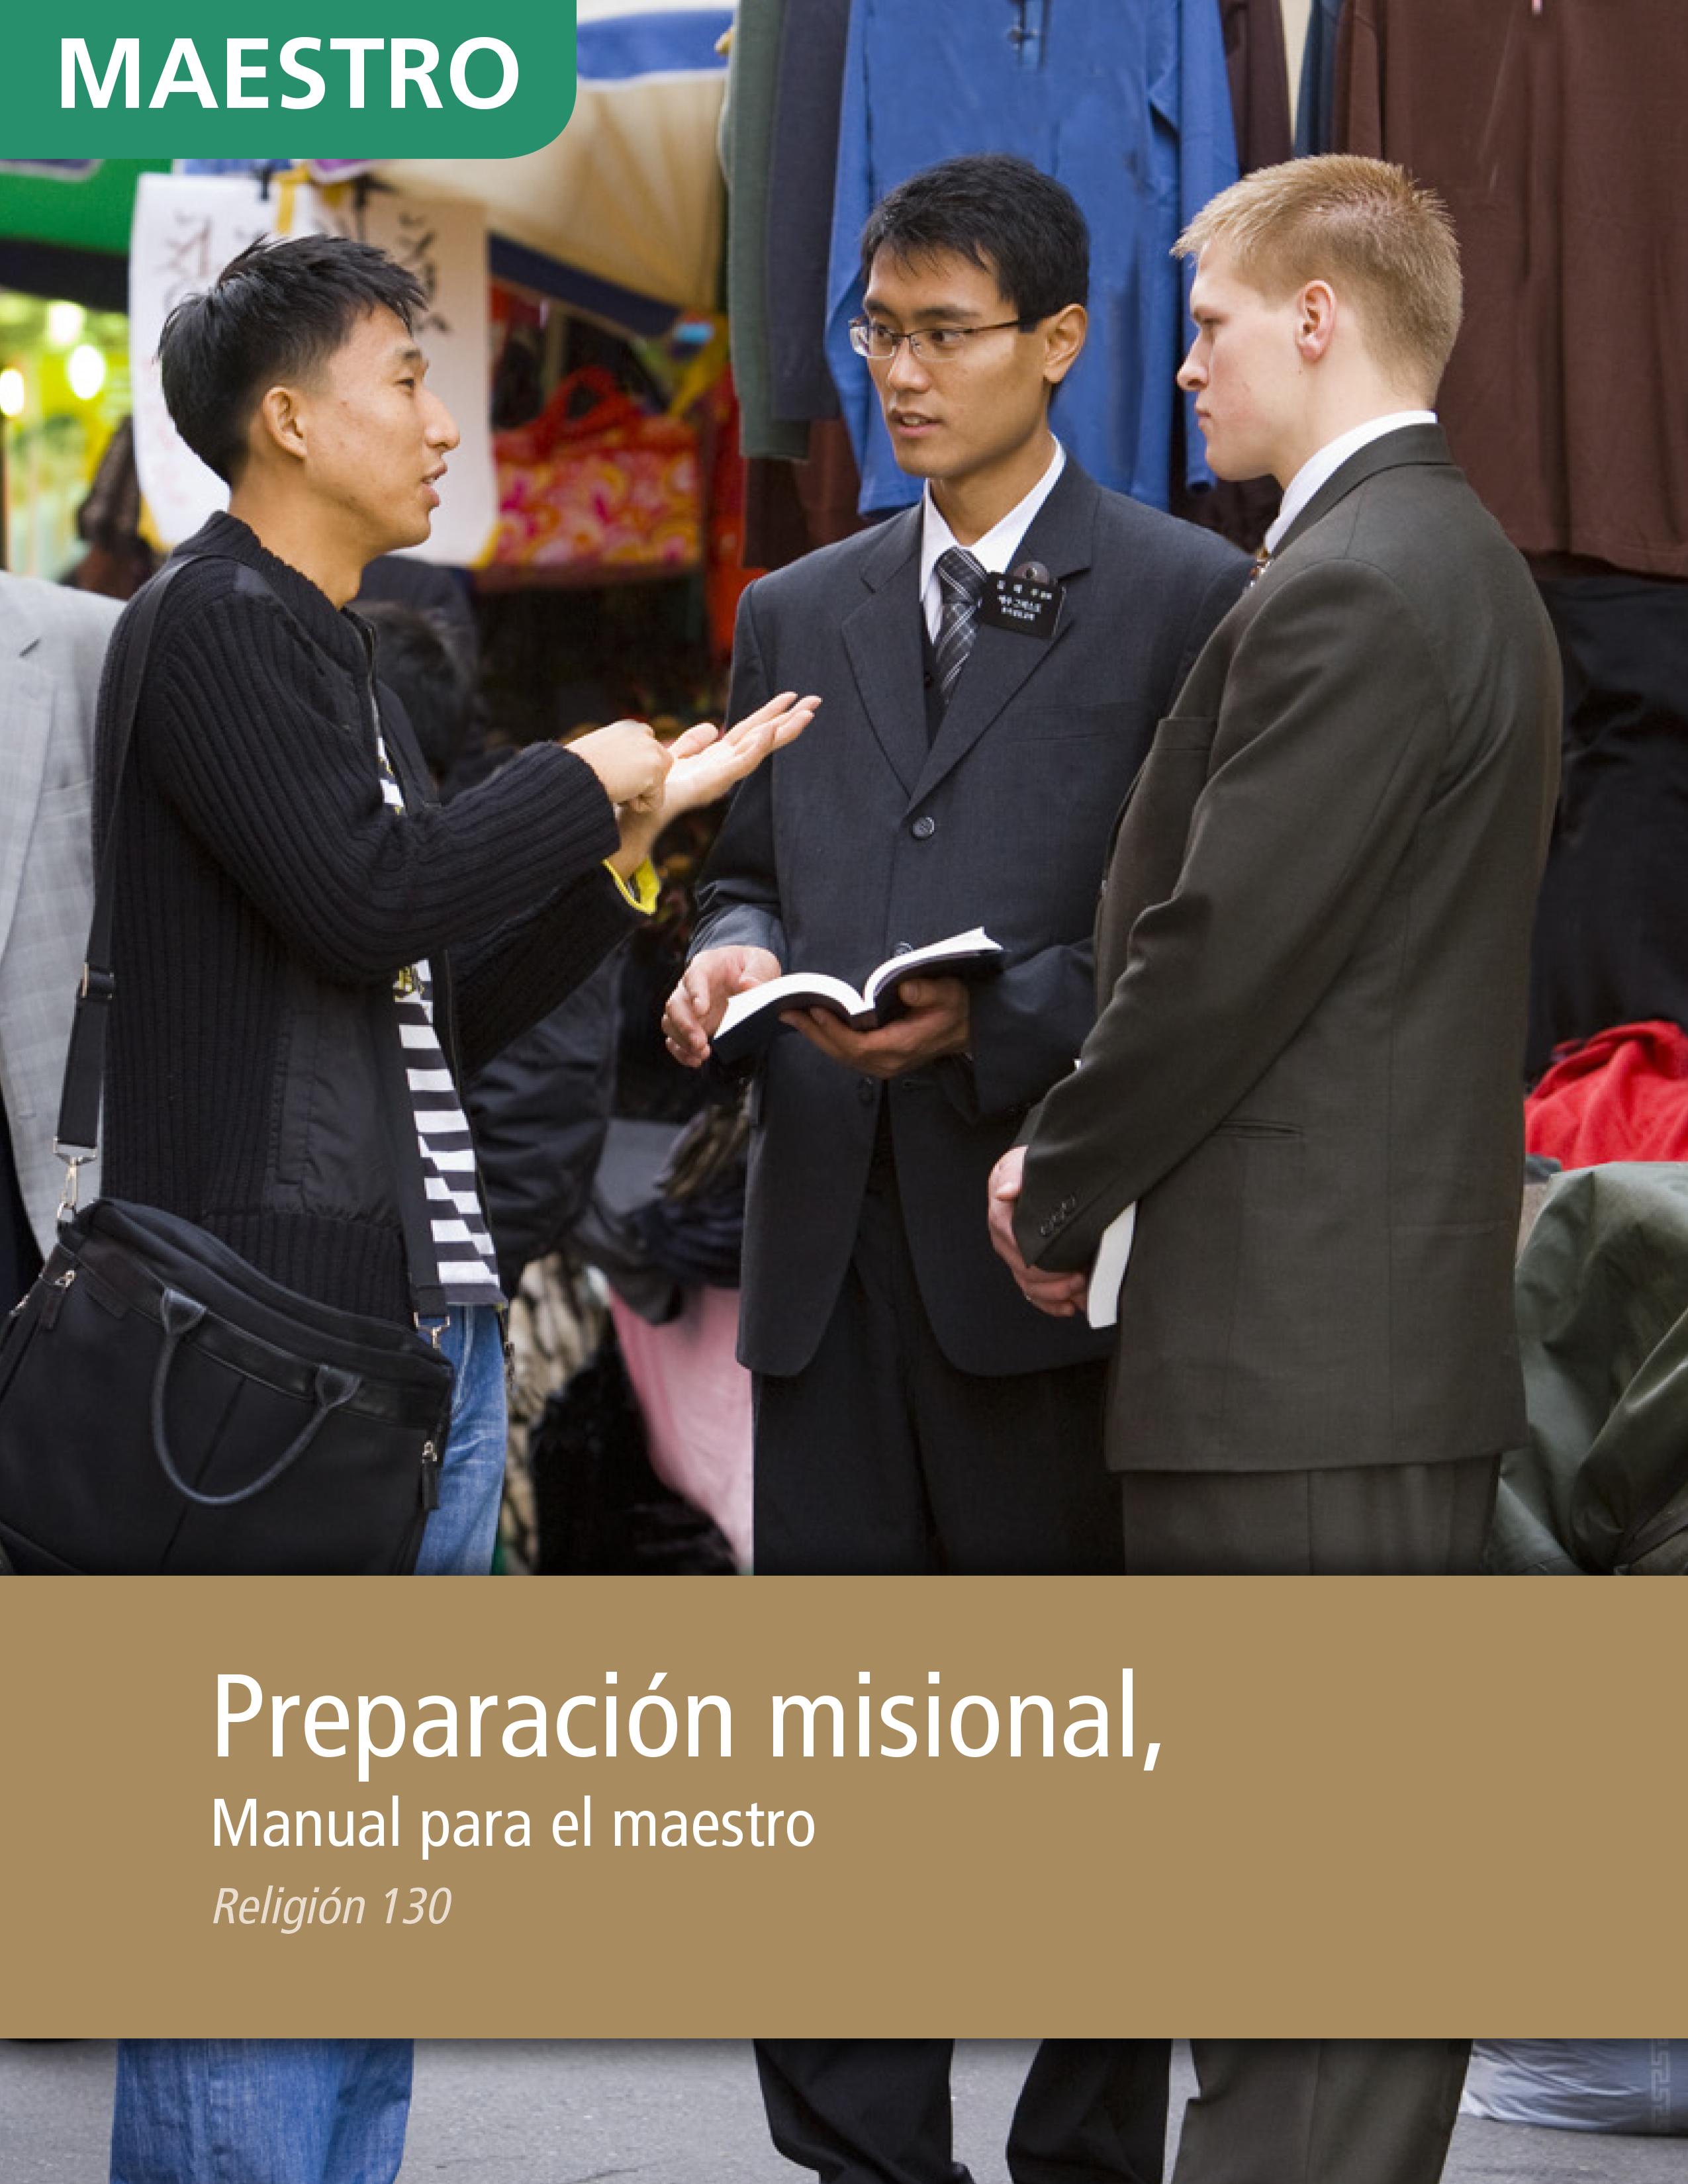 Preparación misional: Manual para el maestro (Religión 130)